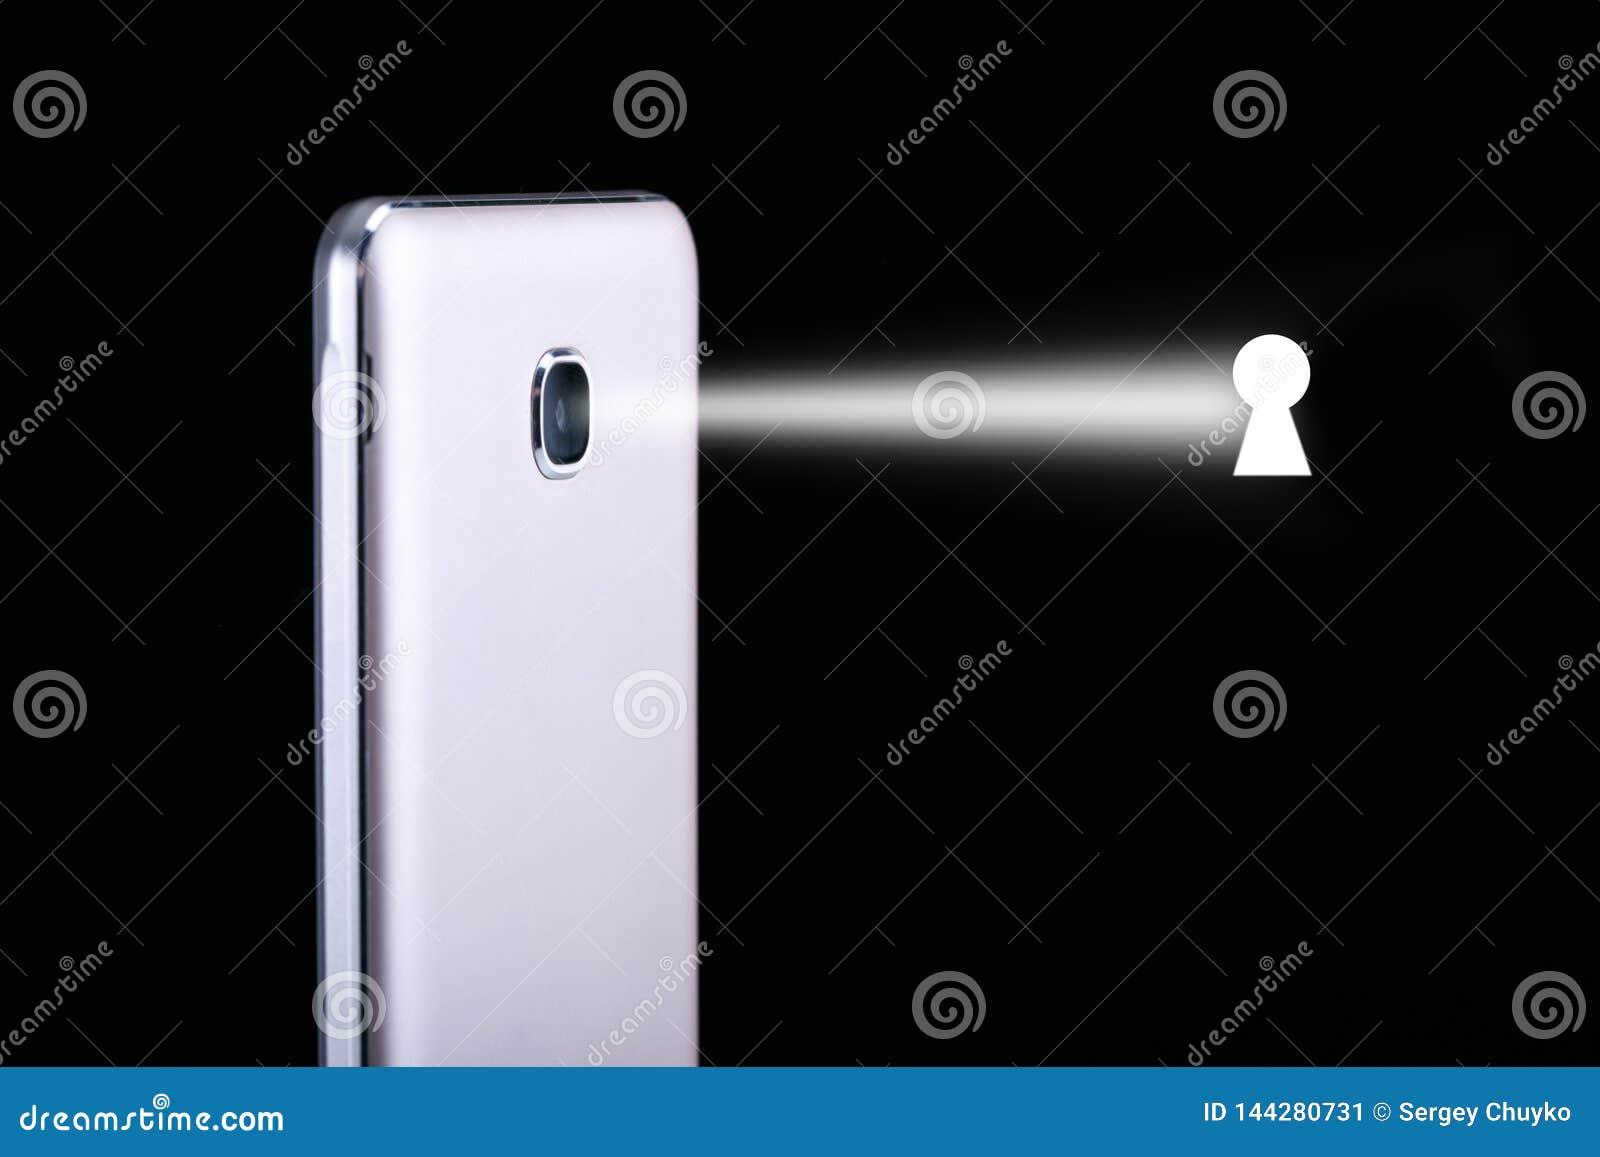 Έννοια της καταδίωξης στο smartphone Εισβολή της μυστικότητας smartphone κατασκόπευσης